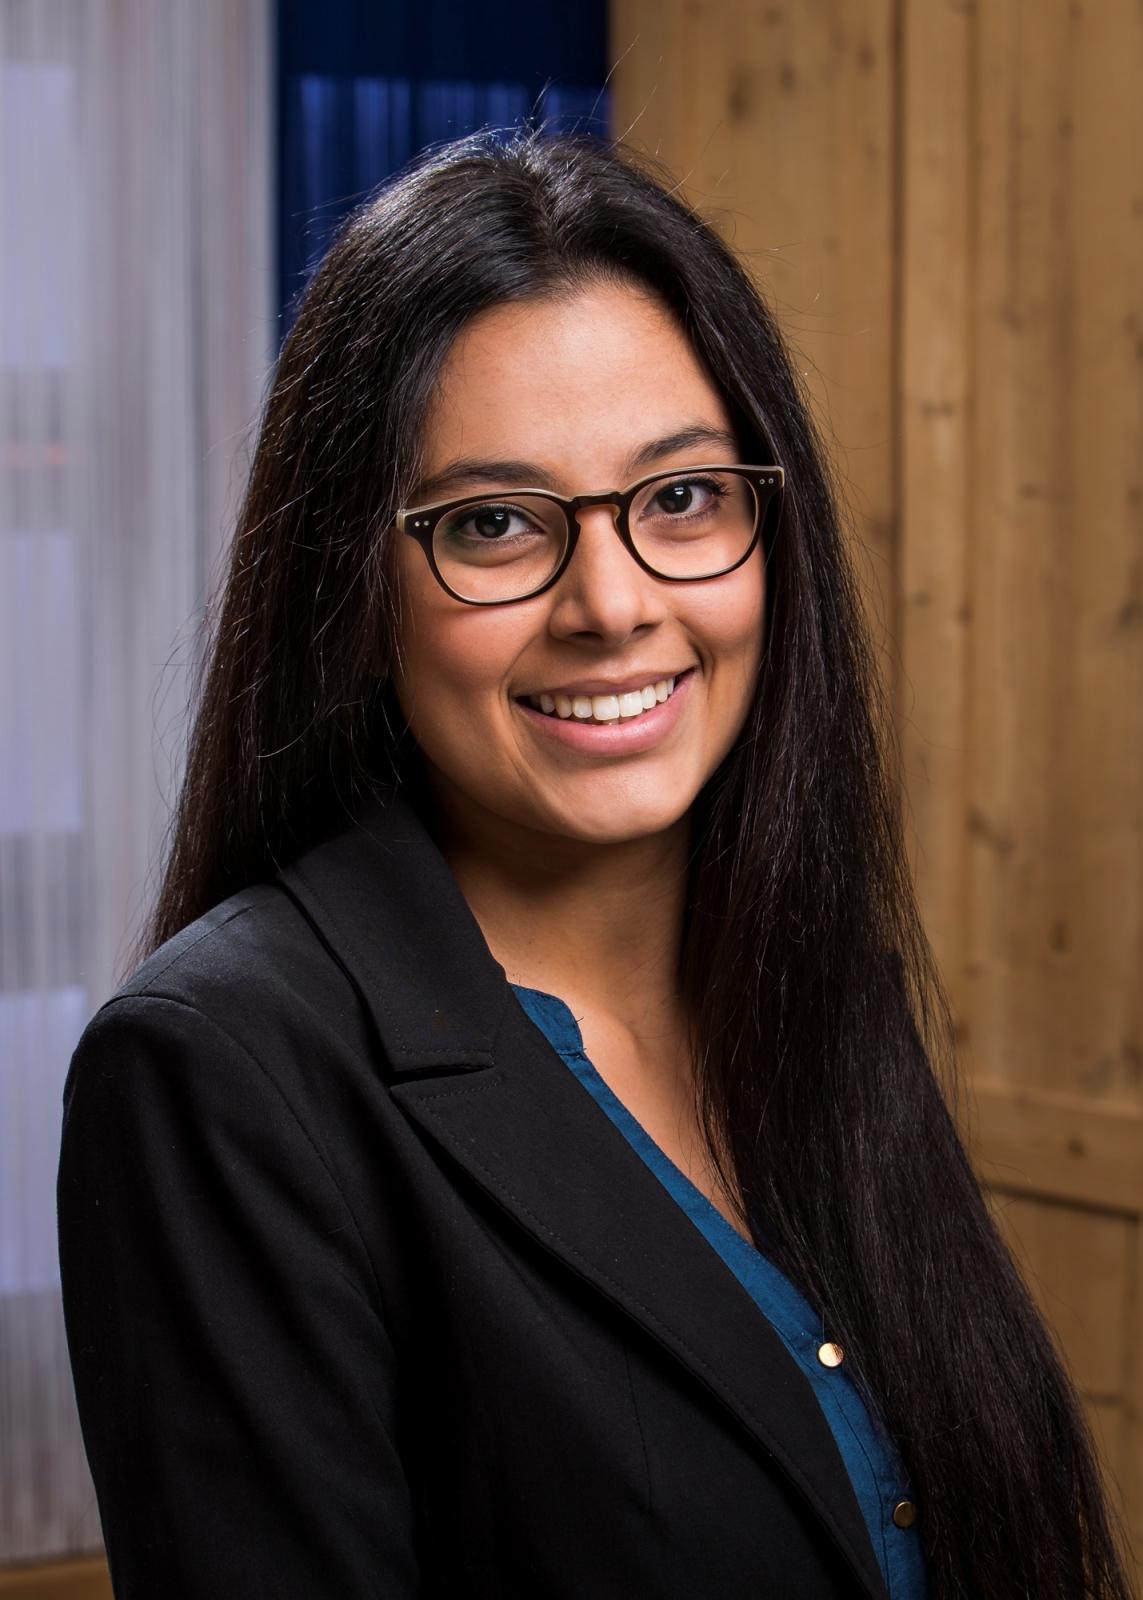 Sarah Bonvin